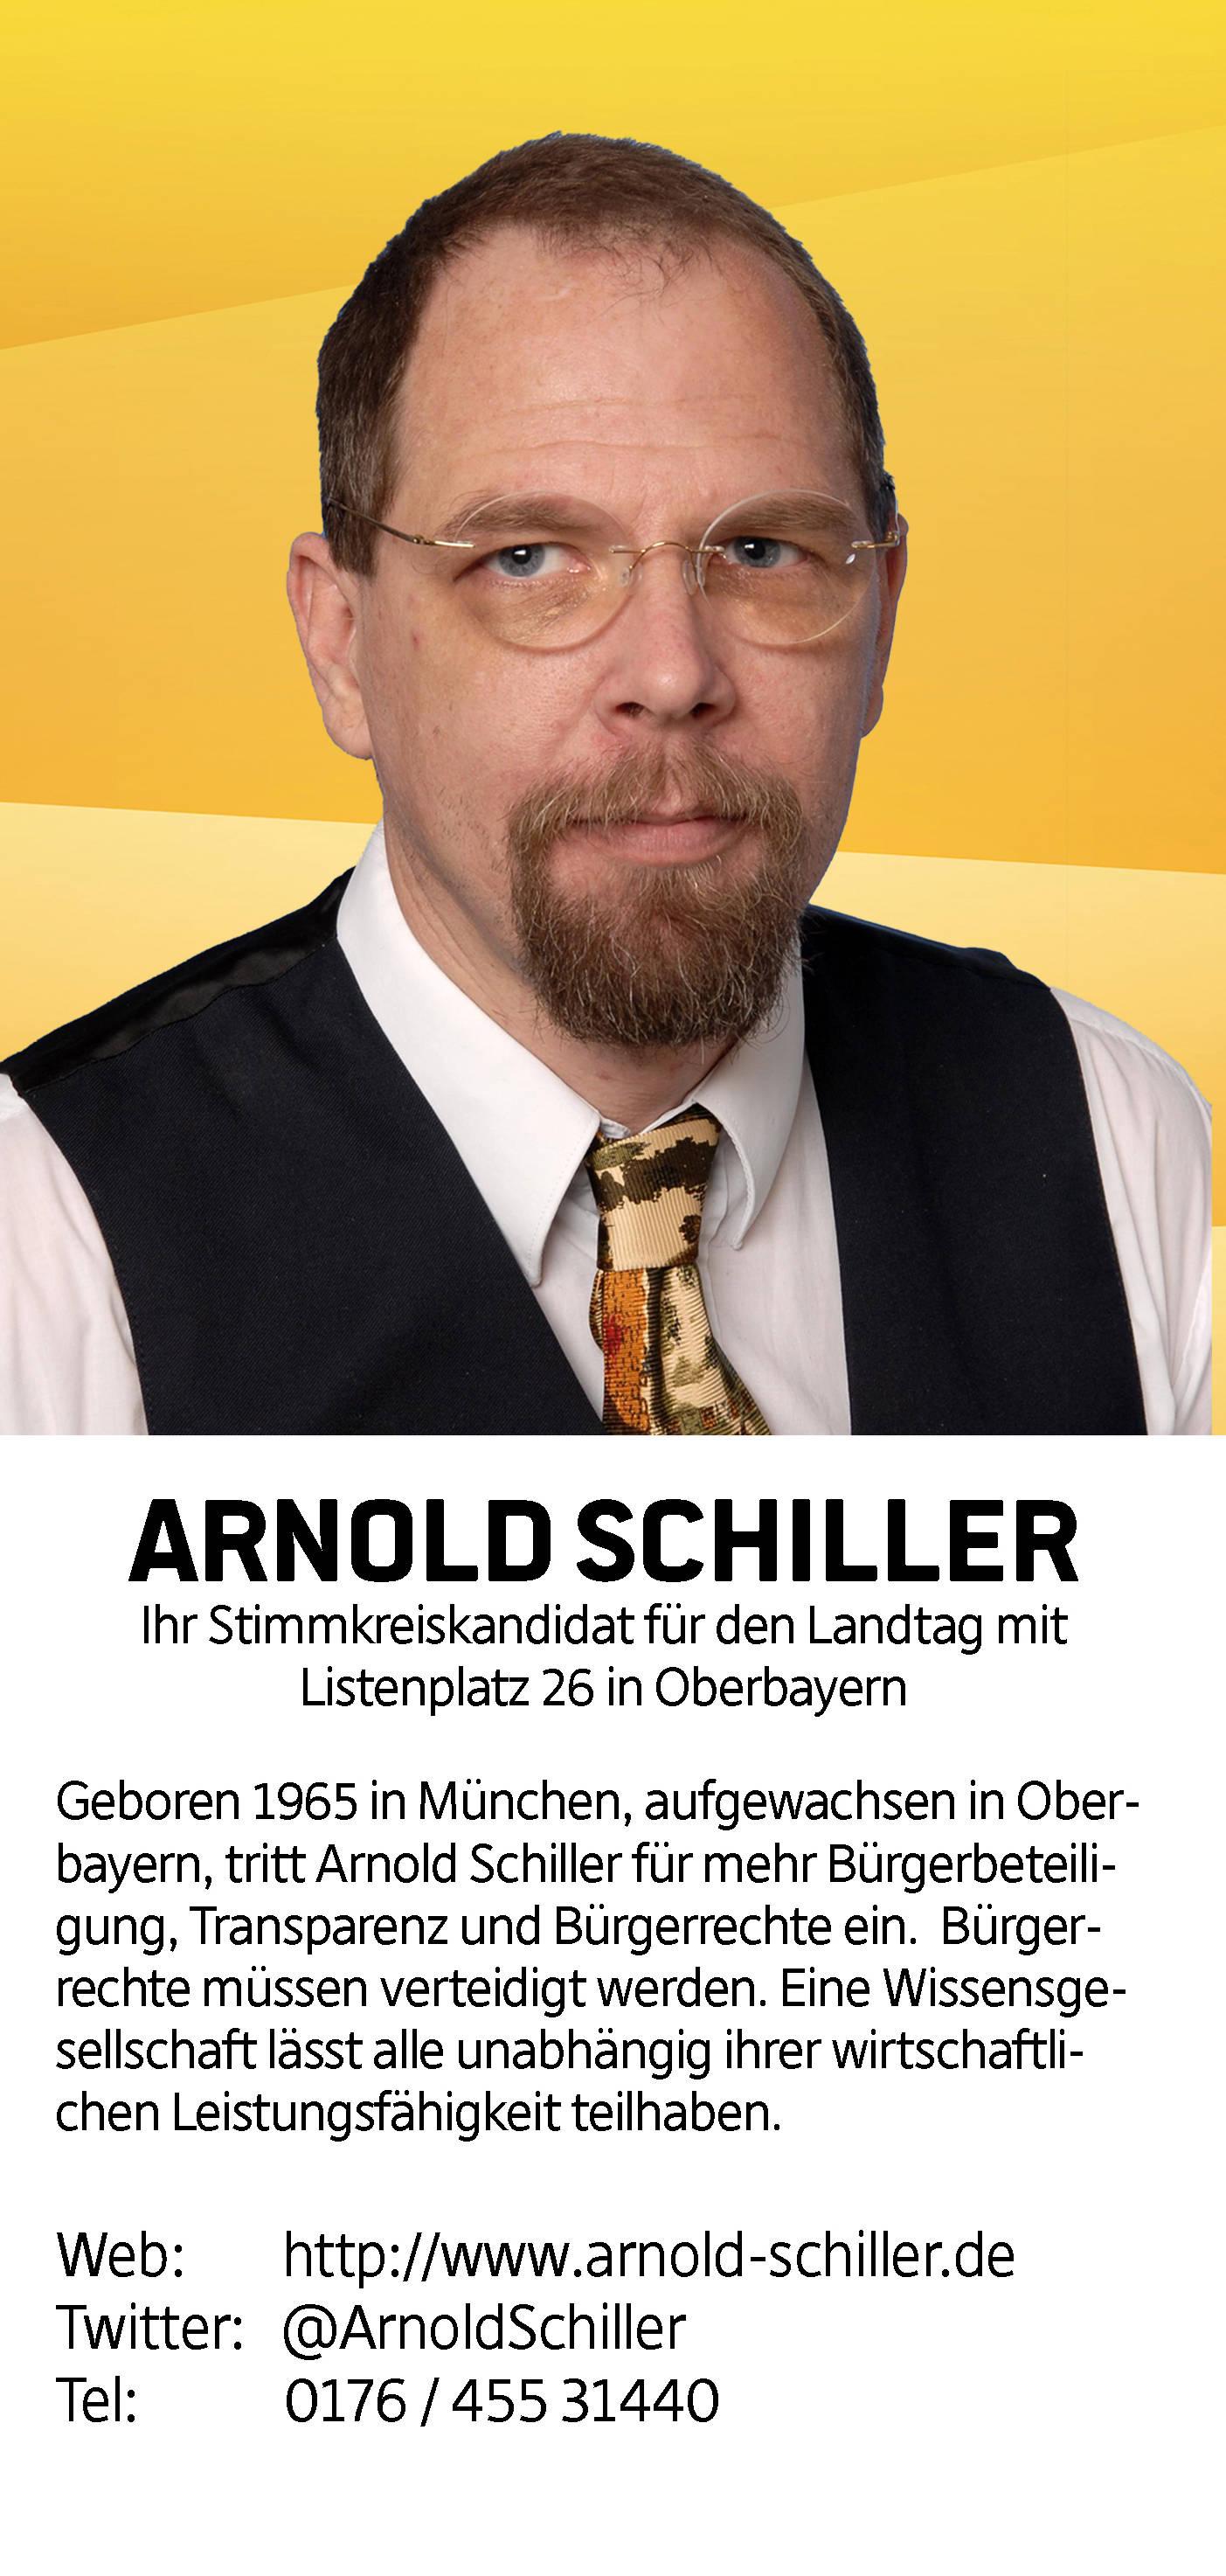 ArnoldSchillerFlyer